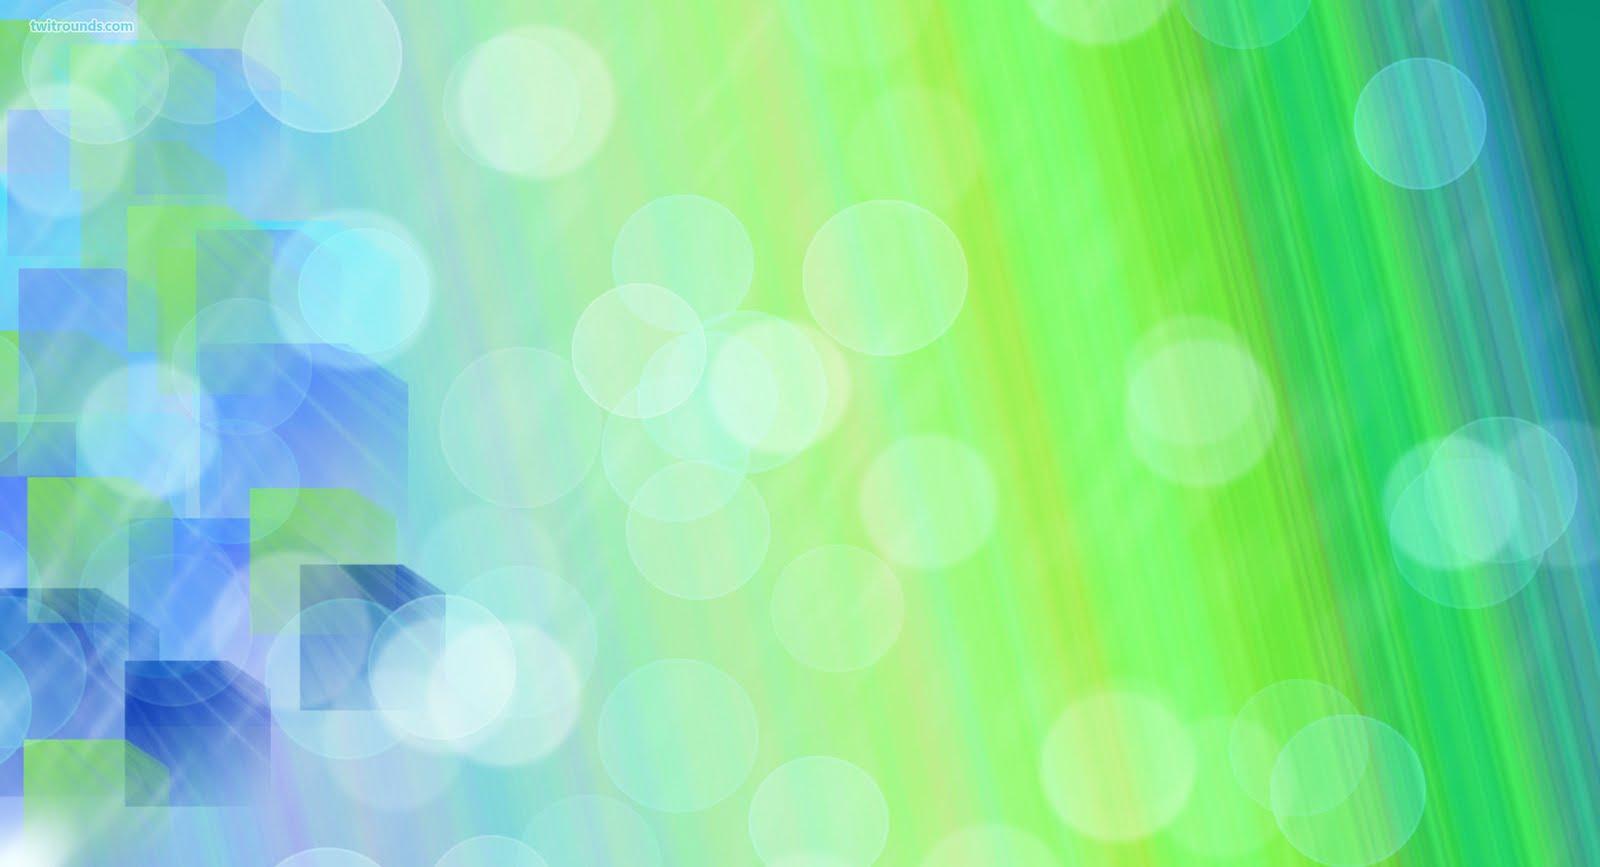 green blue wallpaper - photo #32